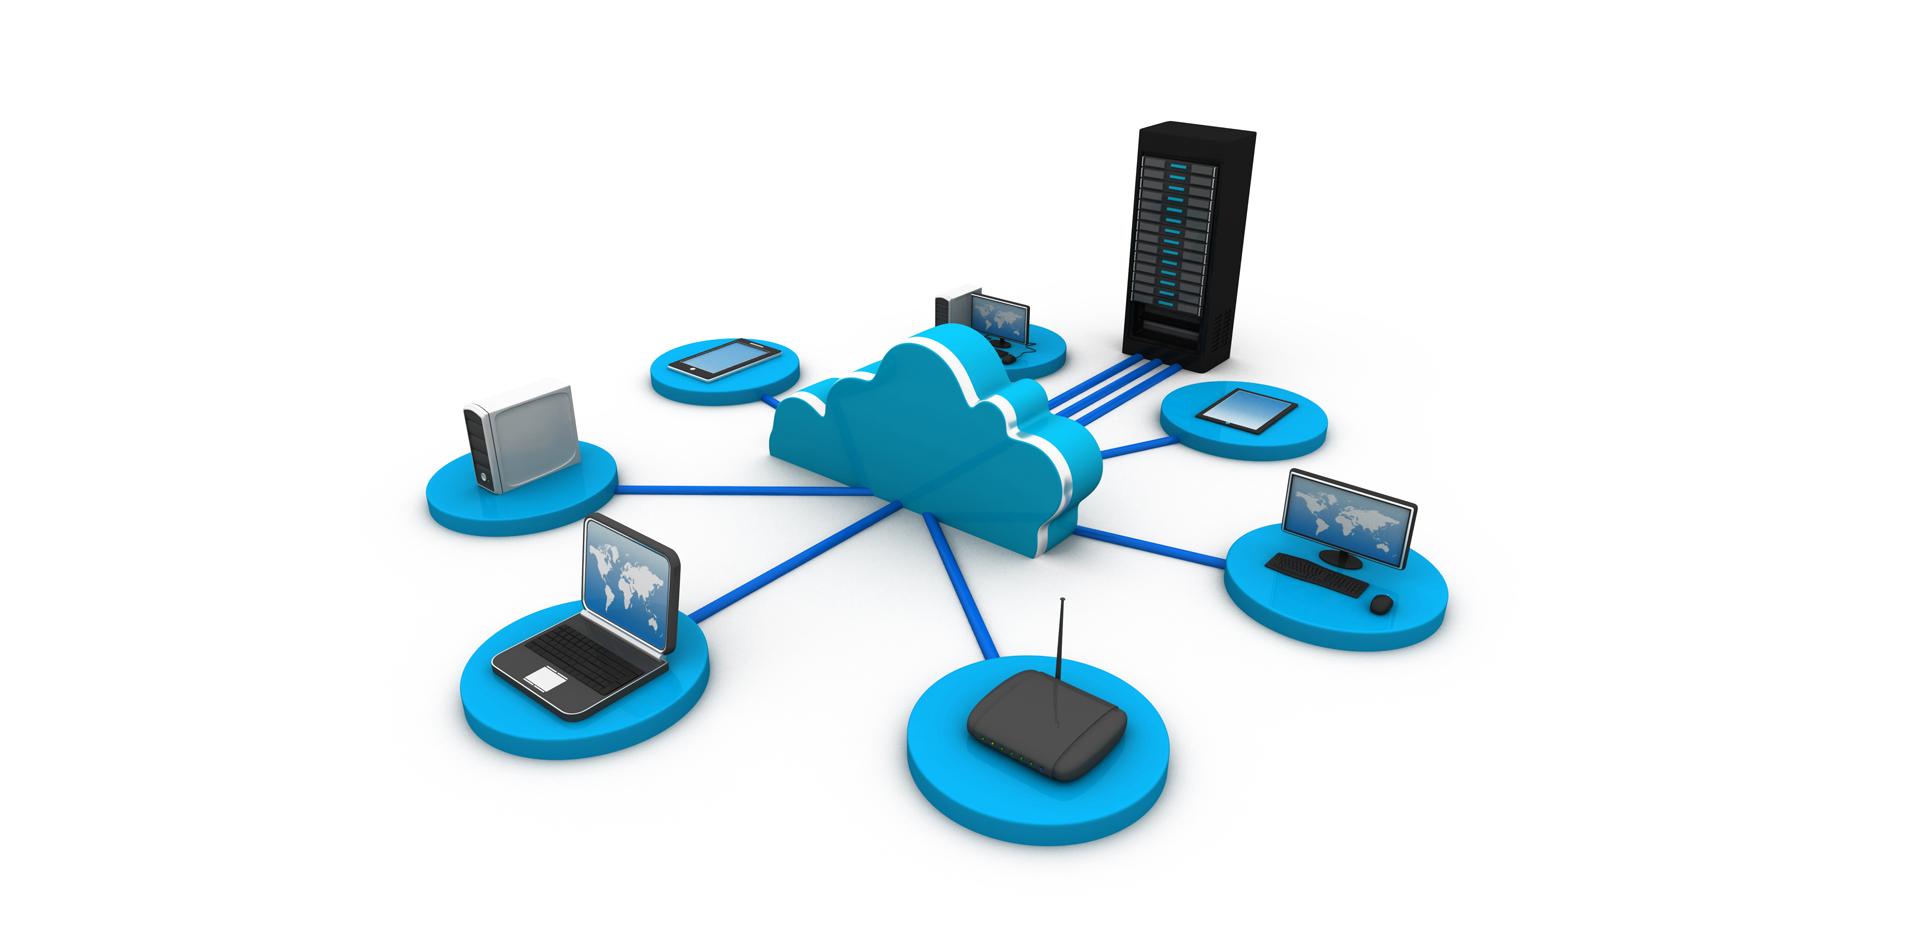 Điện toán đám mây và xu hướng máy tính ảo